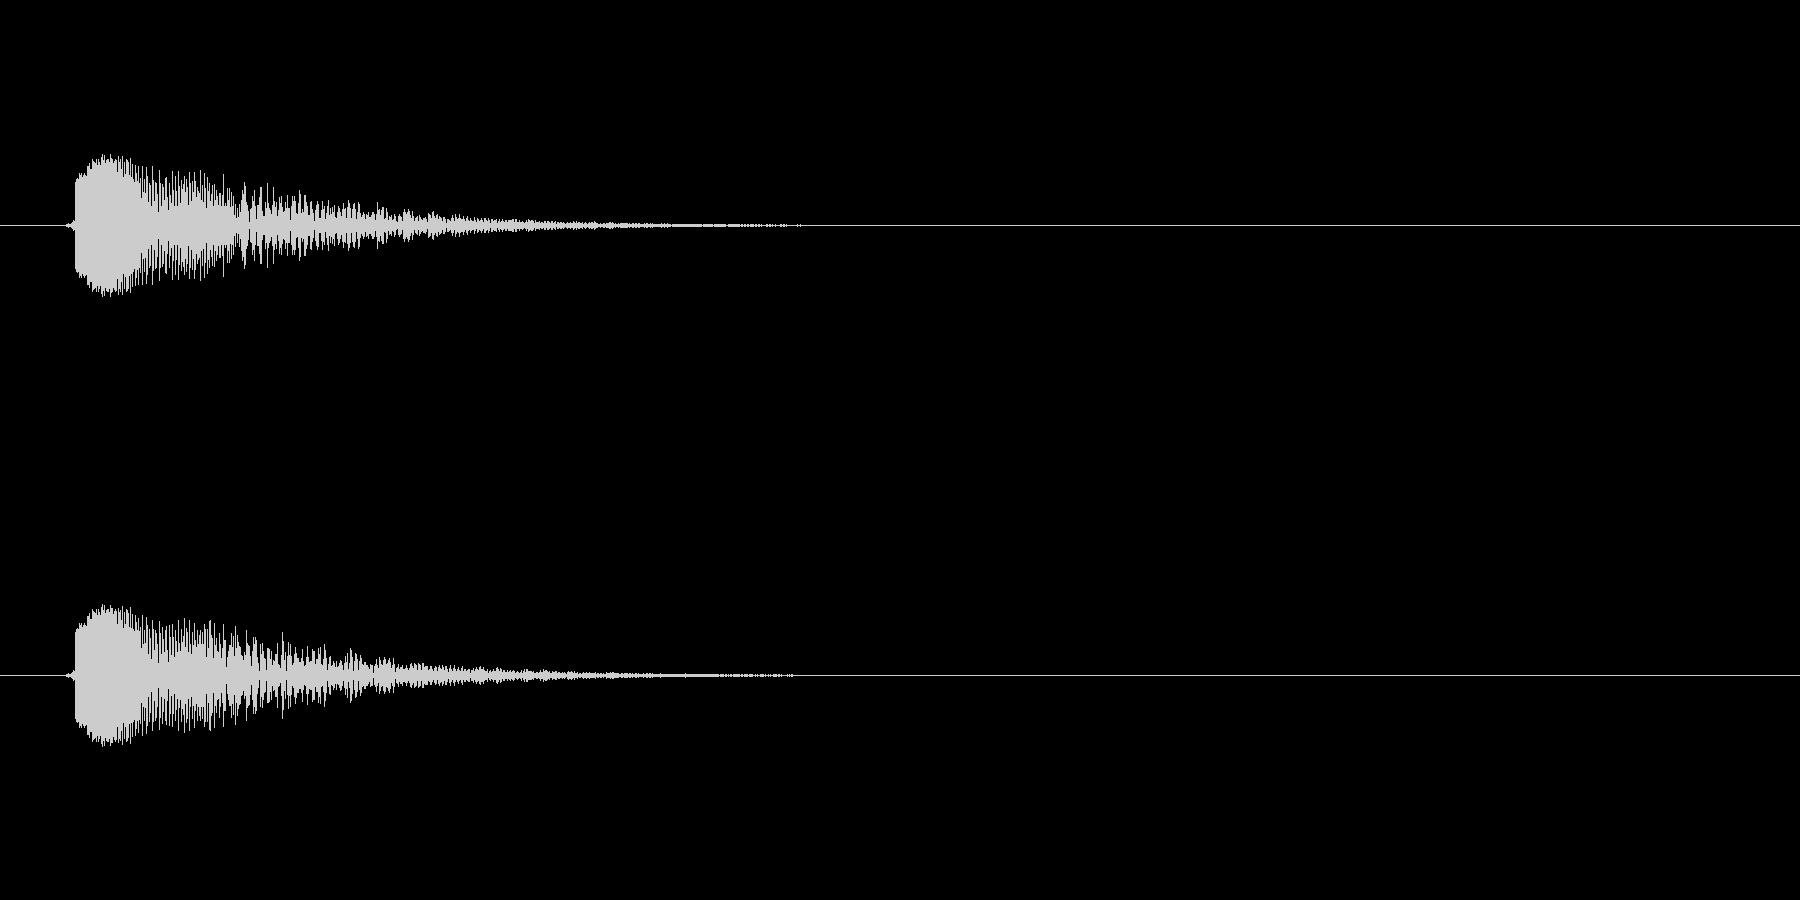 ポシィ(セレクト音,柔らかめ)の未再生の波形